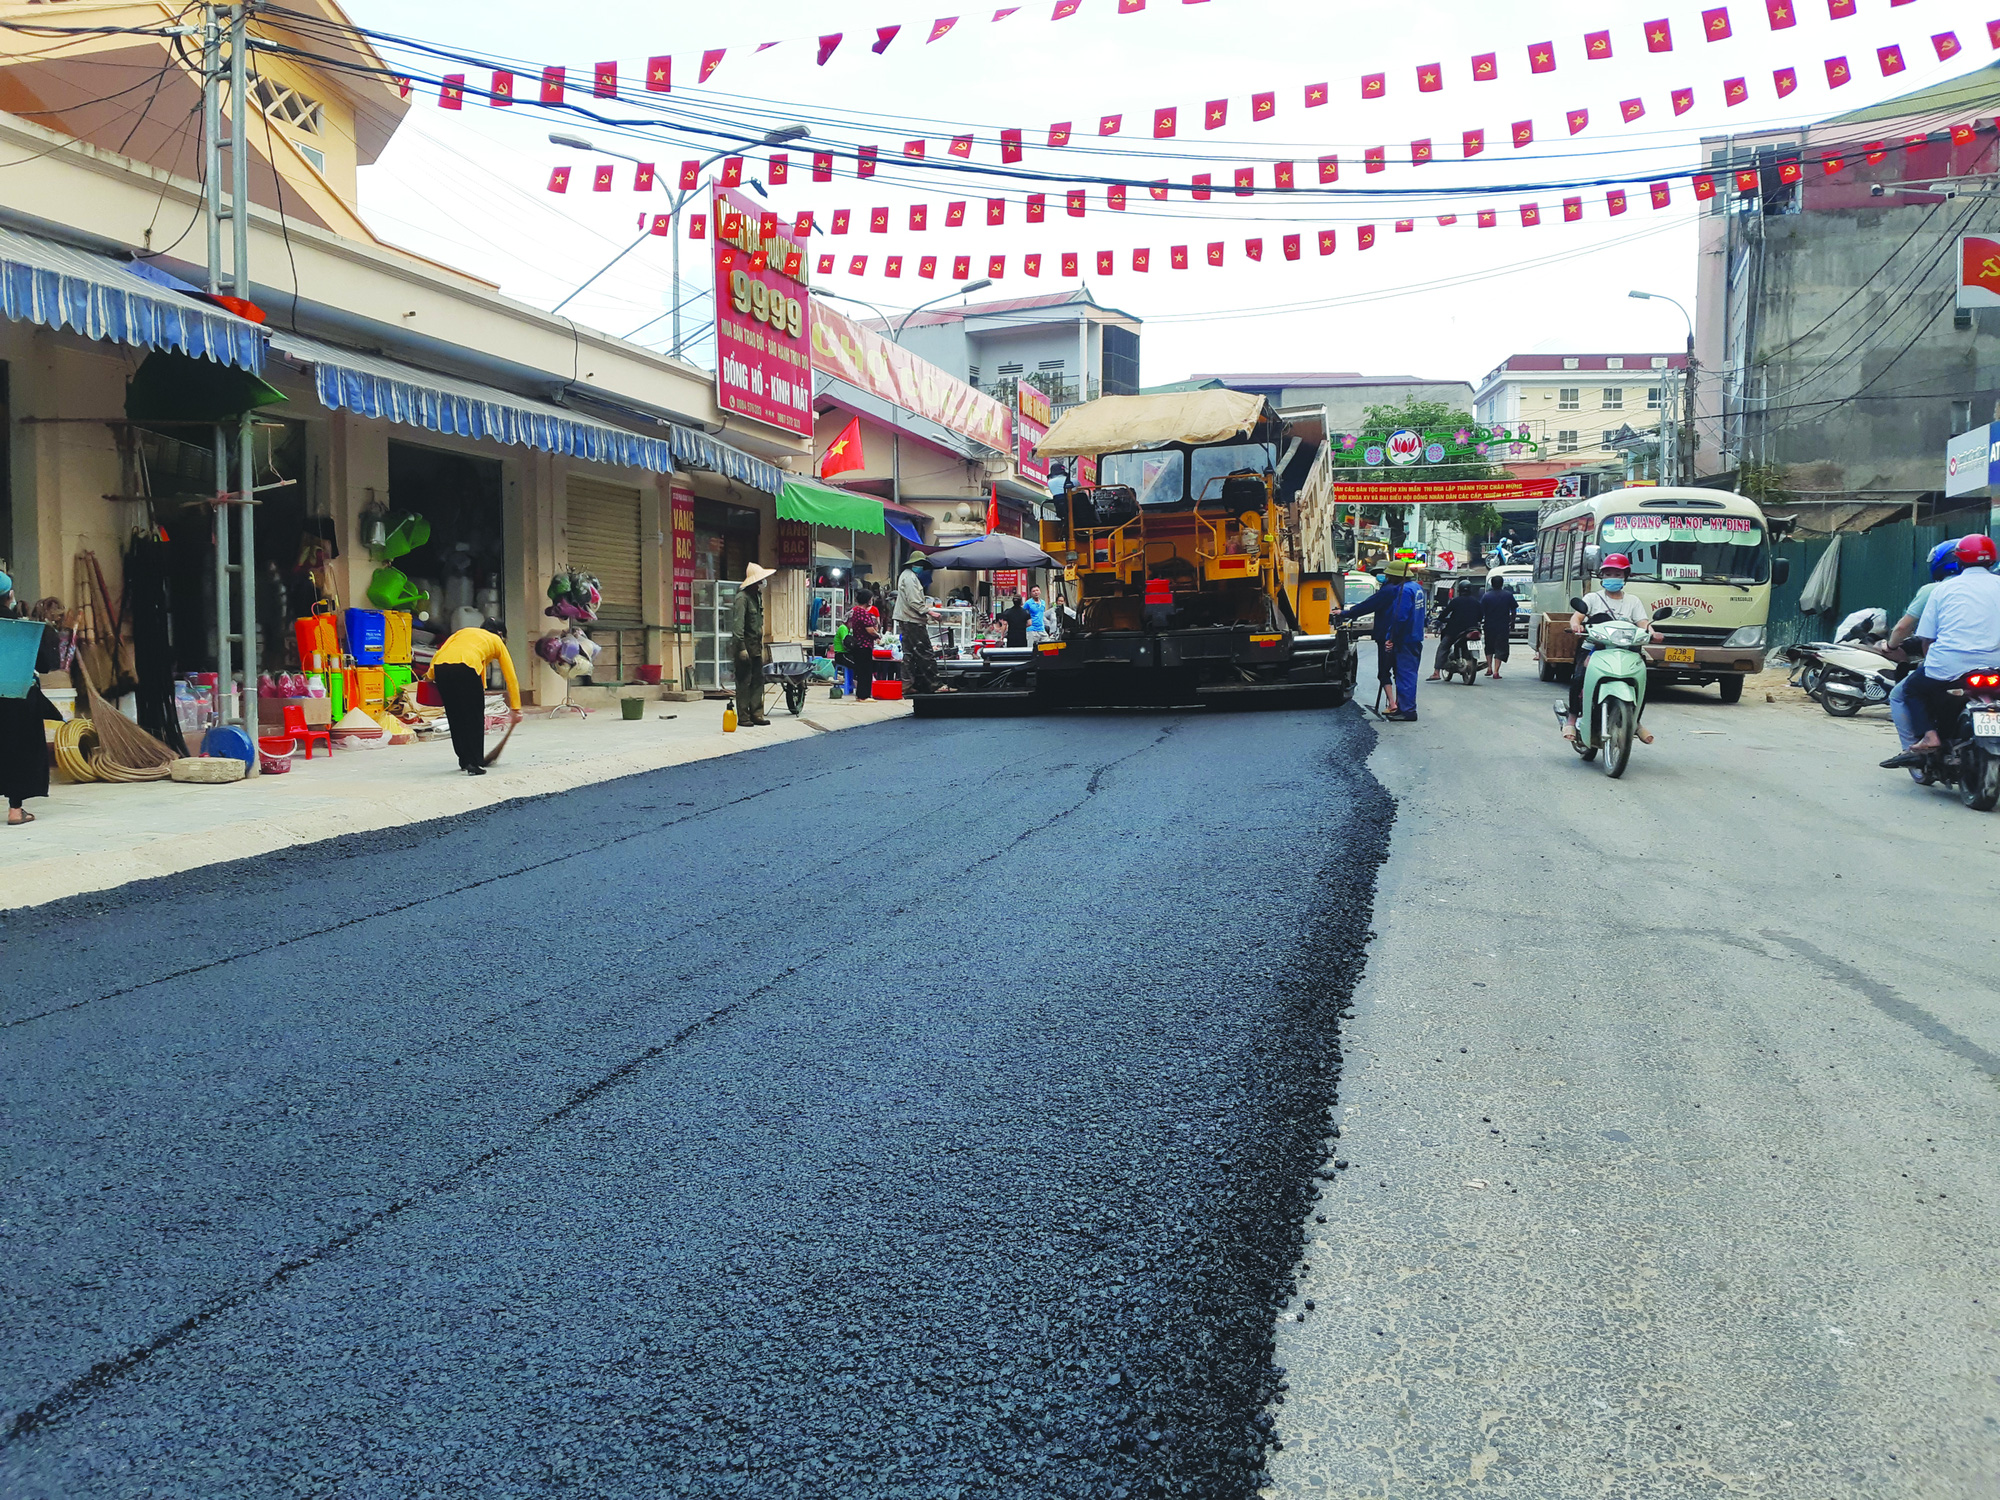 Xín Mần vượt khó hoàn thành tiêu chí giao thông trong xây dựng nông thôn mới - Ảnh 3.